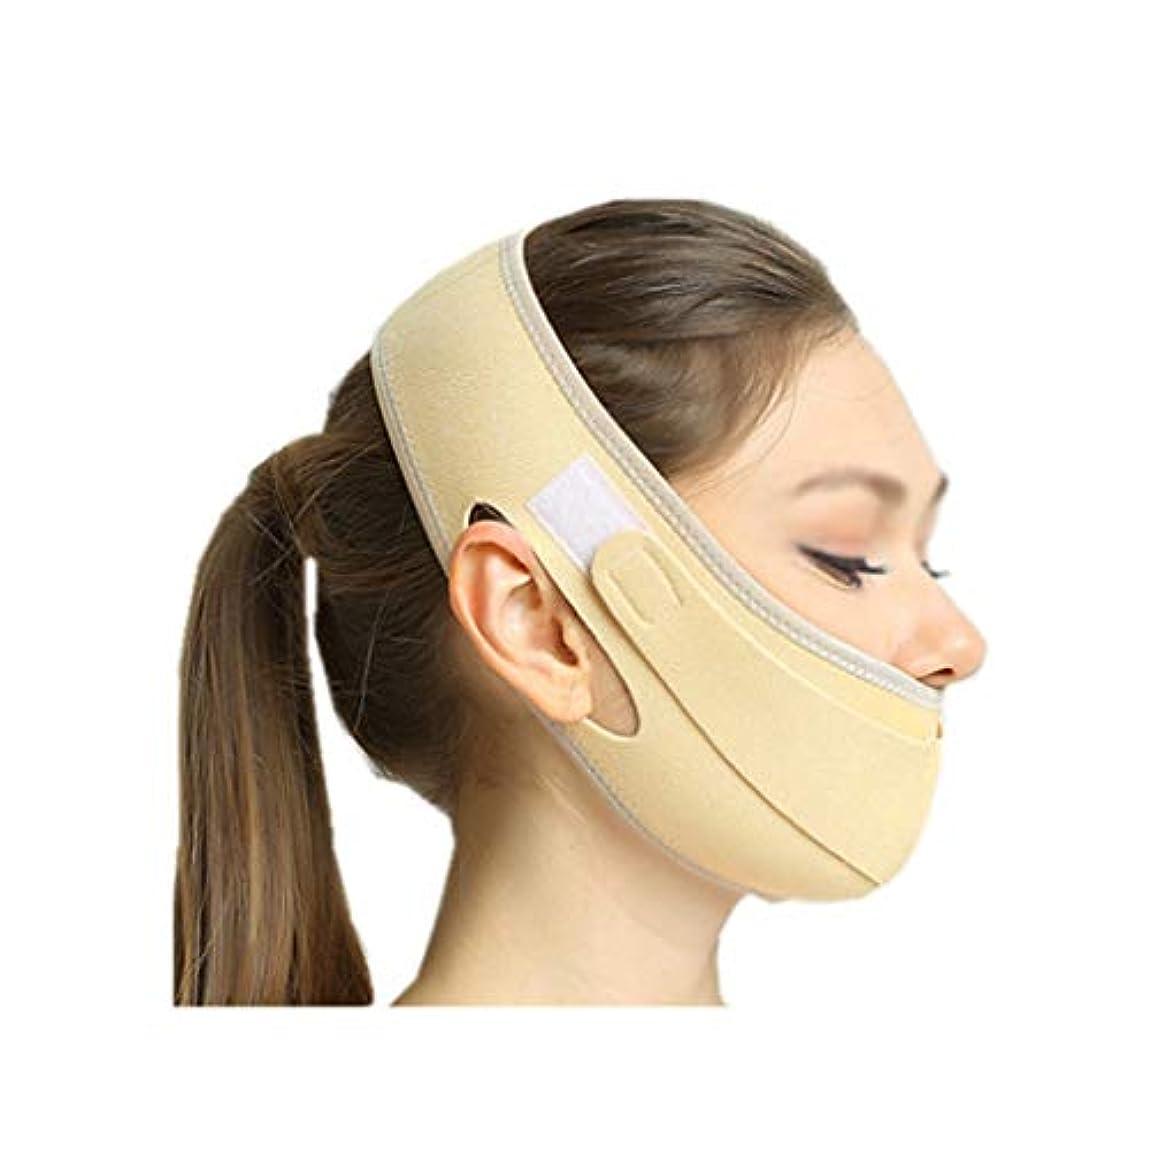 良い統治可能ジャベスウィルソンXHLMRMJ 薄い顔で眠り、ラインカービング後に包帯を復元し、薄いダブルチンがマスクマスクを持ち上げ、2つのスタイルから選択できます (Color : A)